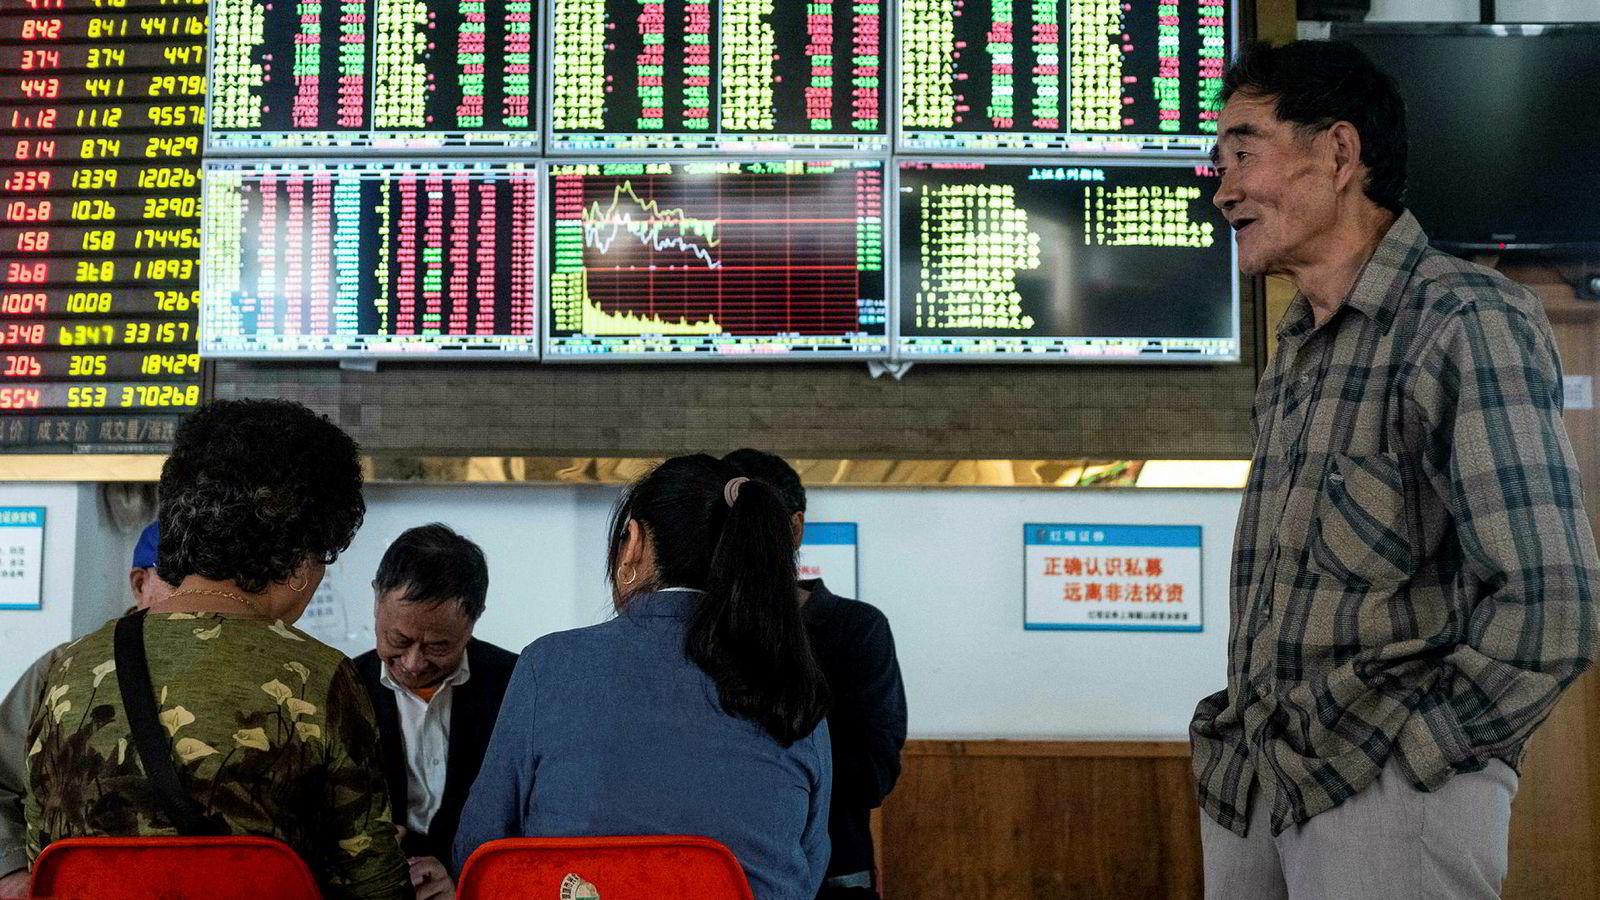 Shanghai-børsen har startet med den største oppgangen i historien i 2019. Forhandlinger mellom USA og Kina for å få løst handelskrigen har gitt investorer en ny optimisme.